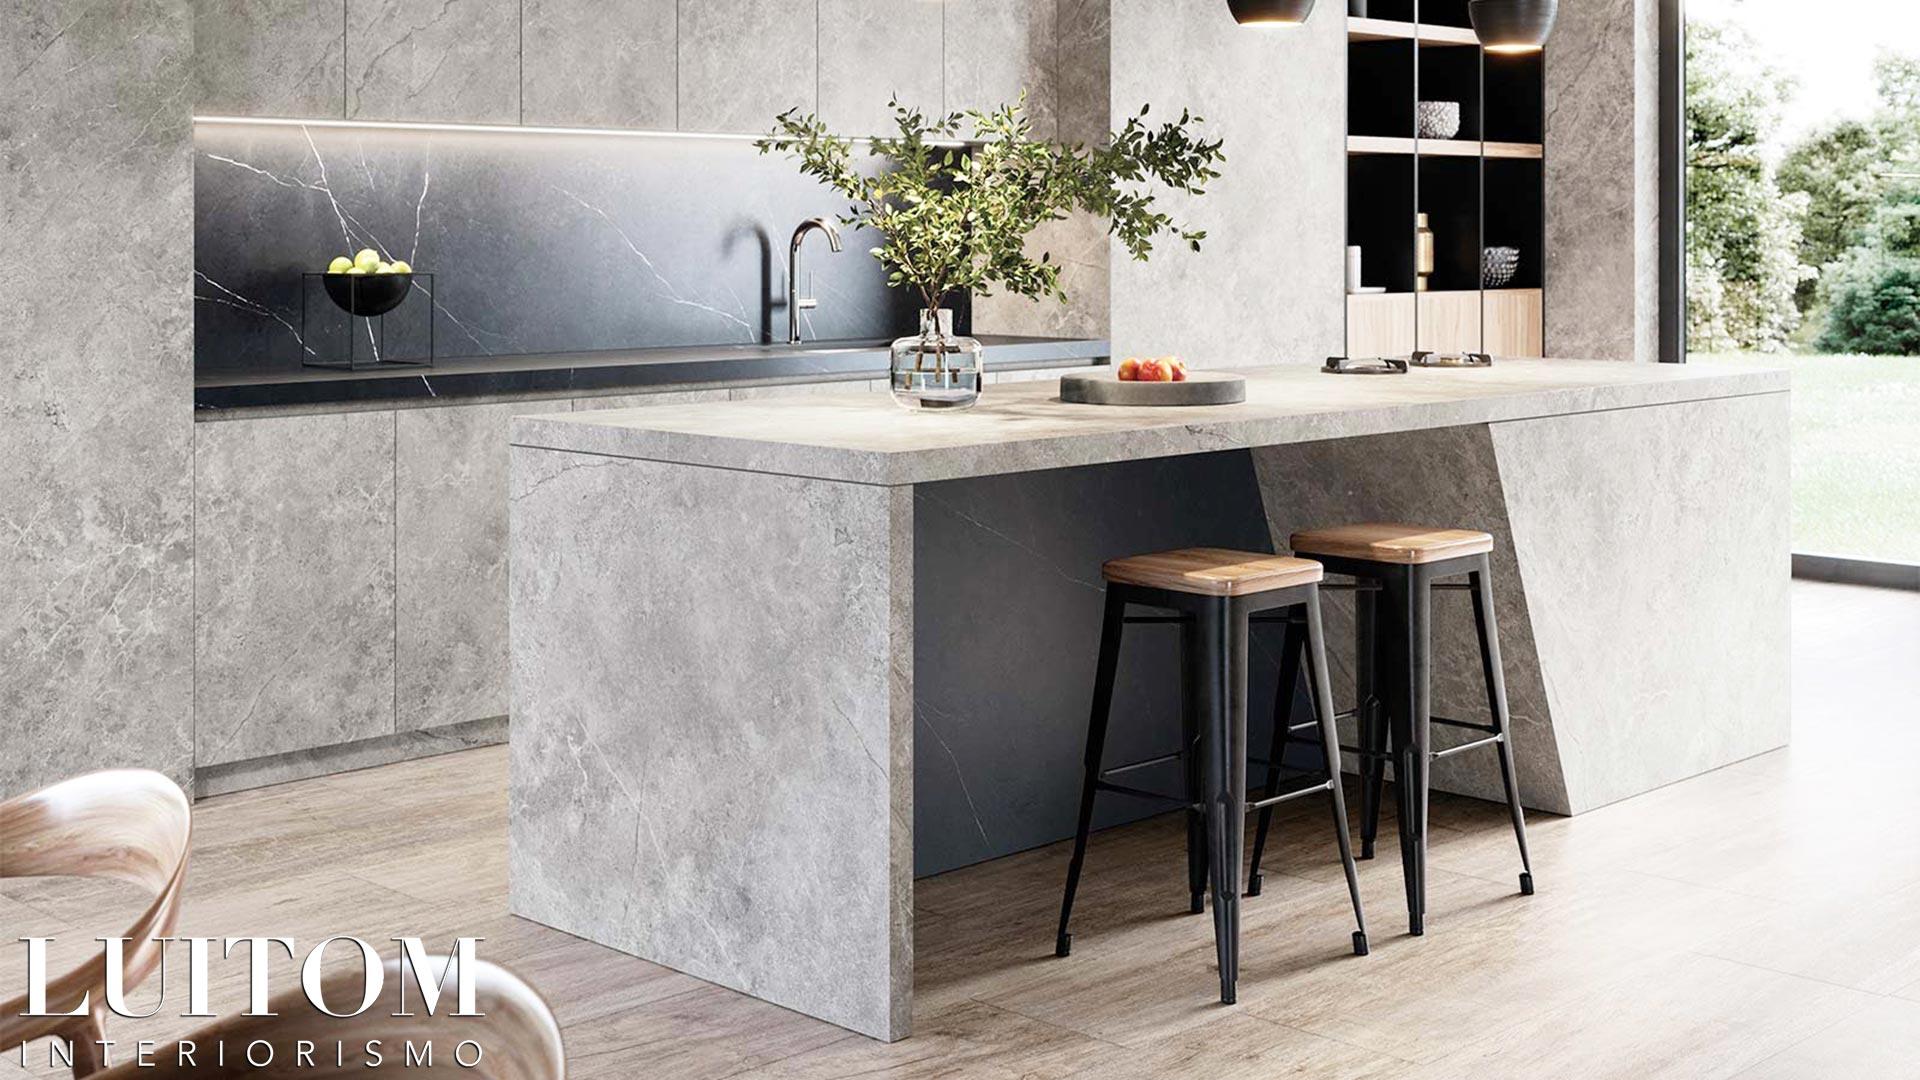 muebles-cocina-exclusivos-acabado-porcelanico-gres-gran-formato-cocinas-lujo-madrid-01